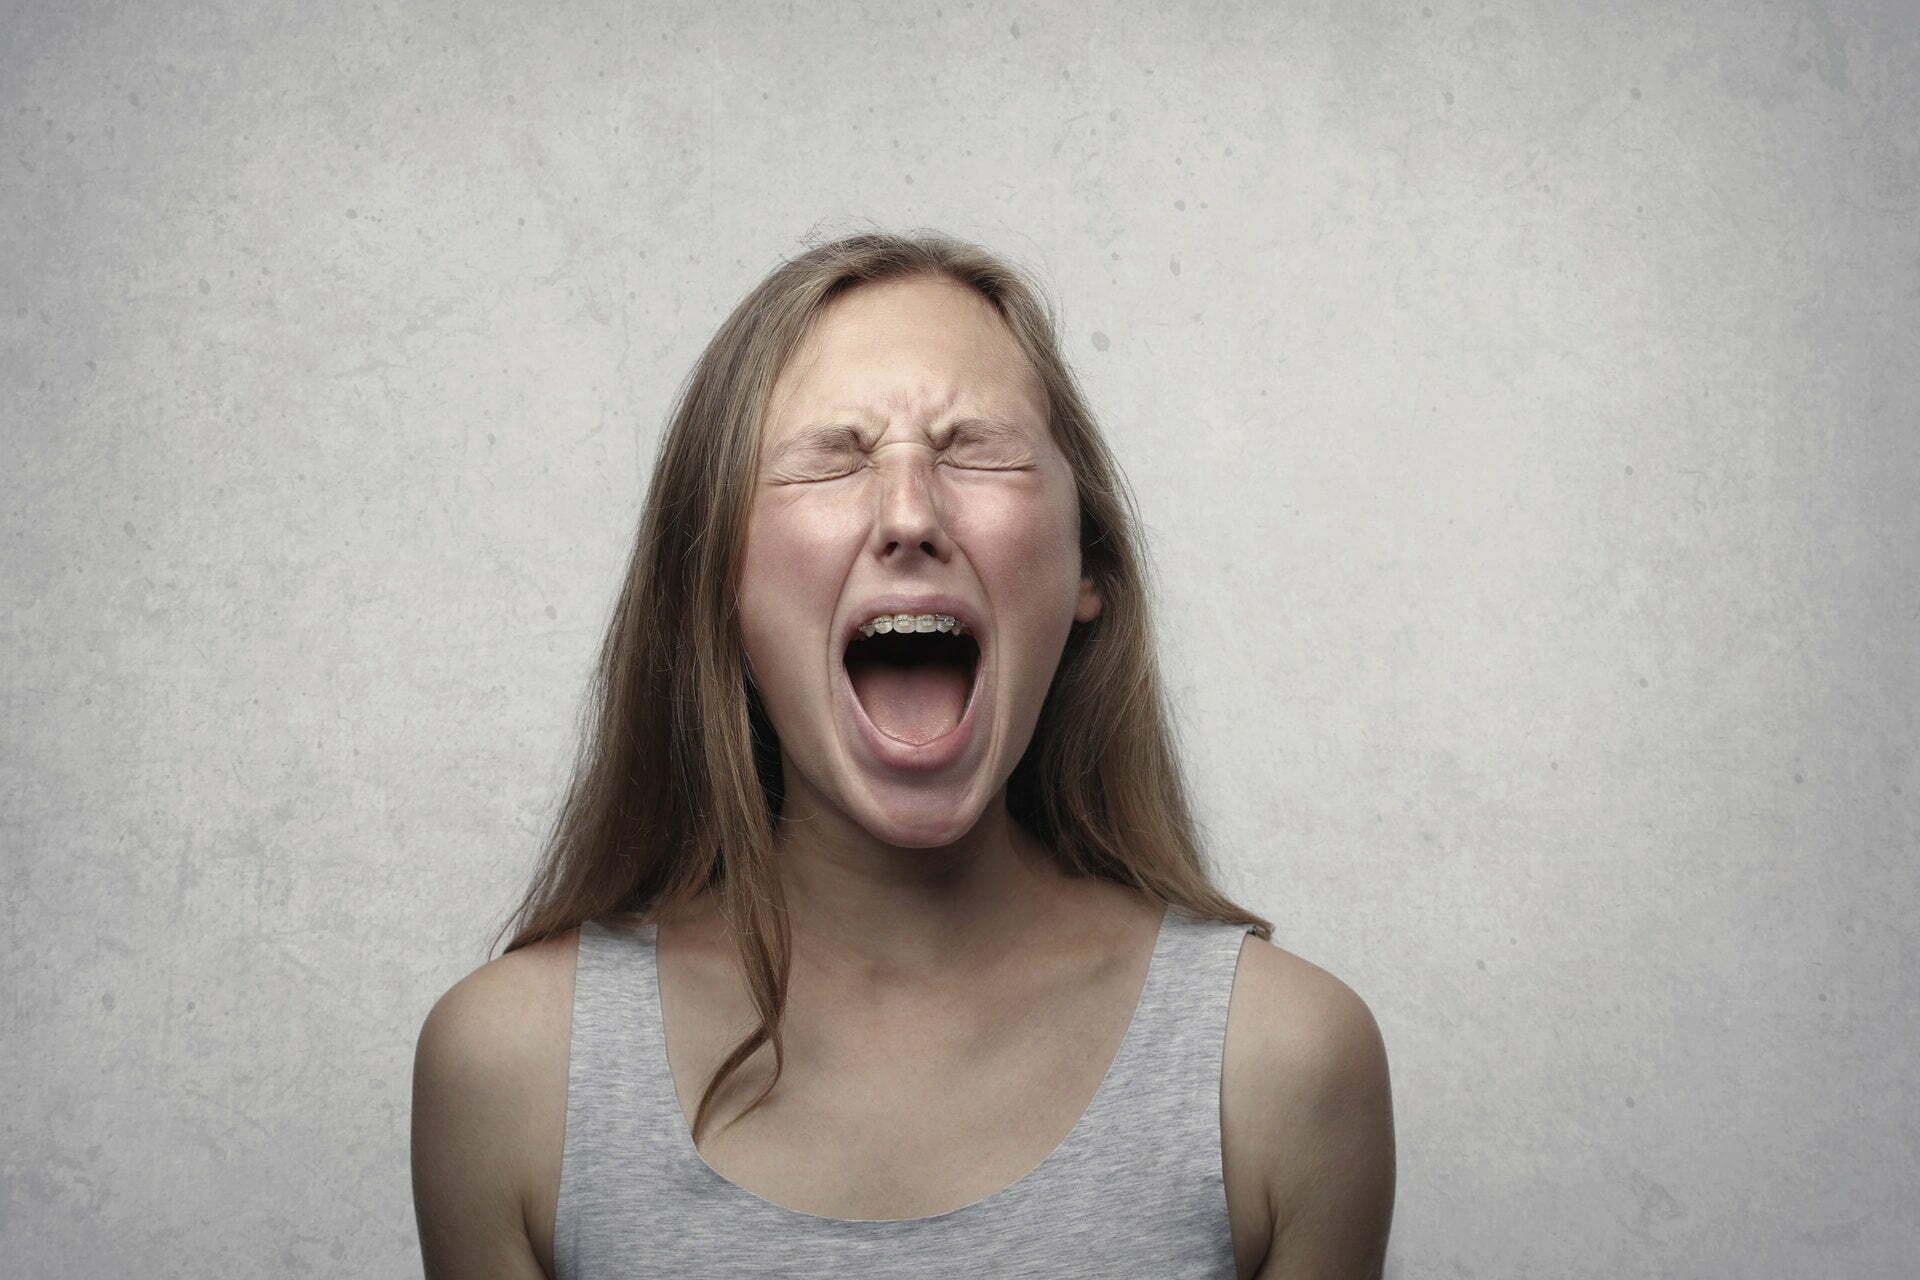 16 điều nên làm khi bạn cảm thấy cực kỳ tức giận 1